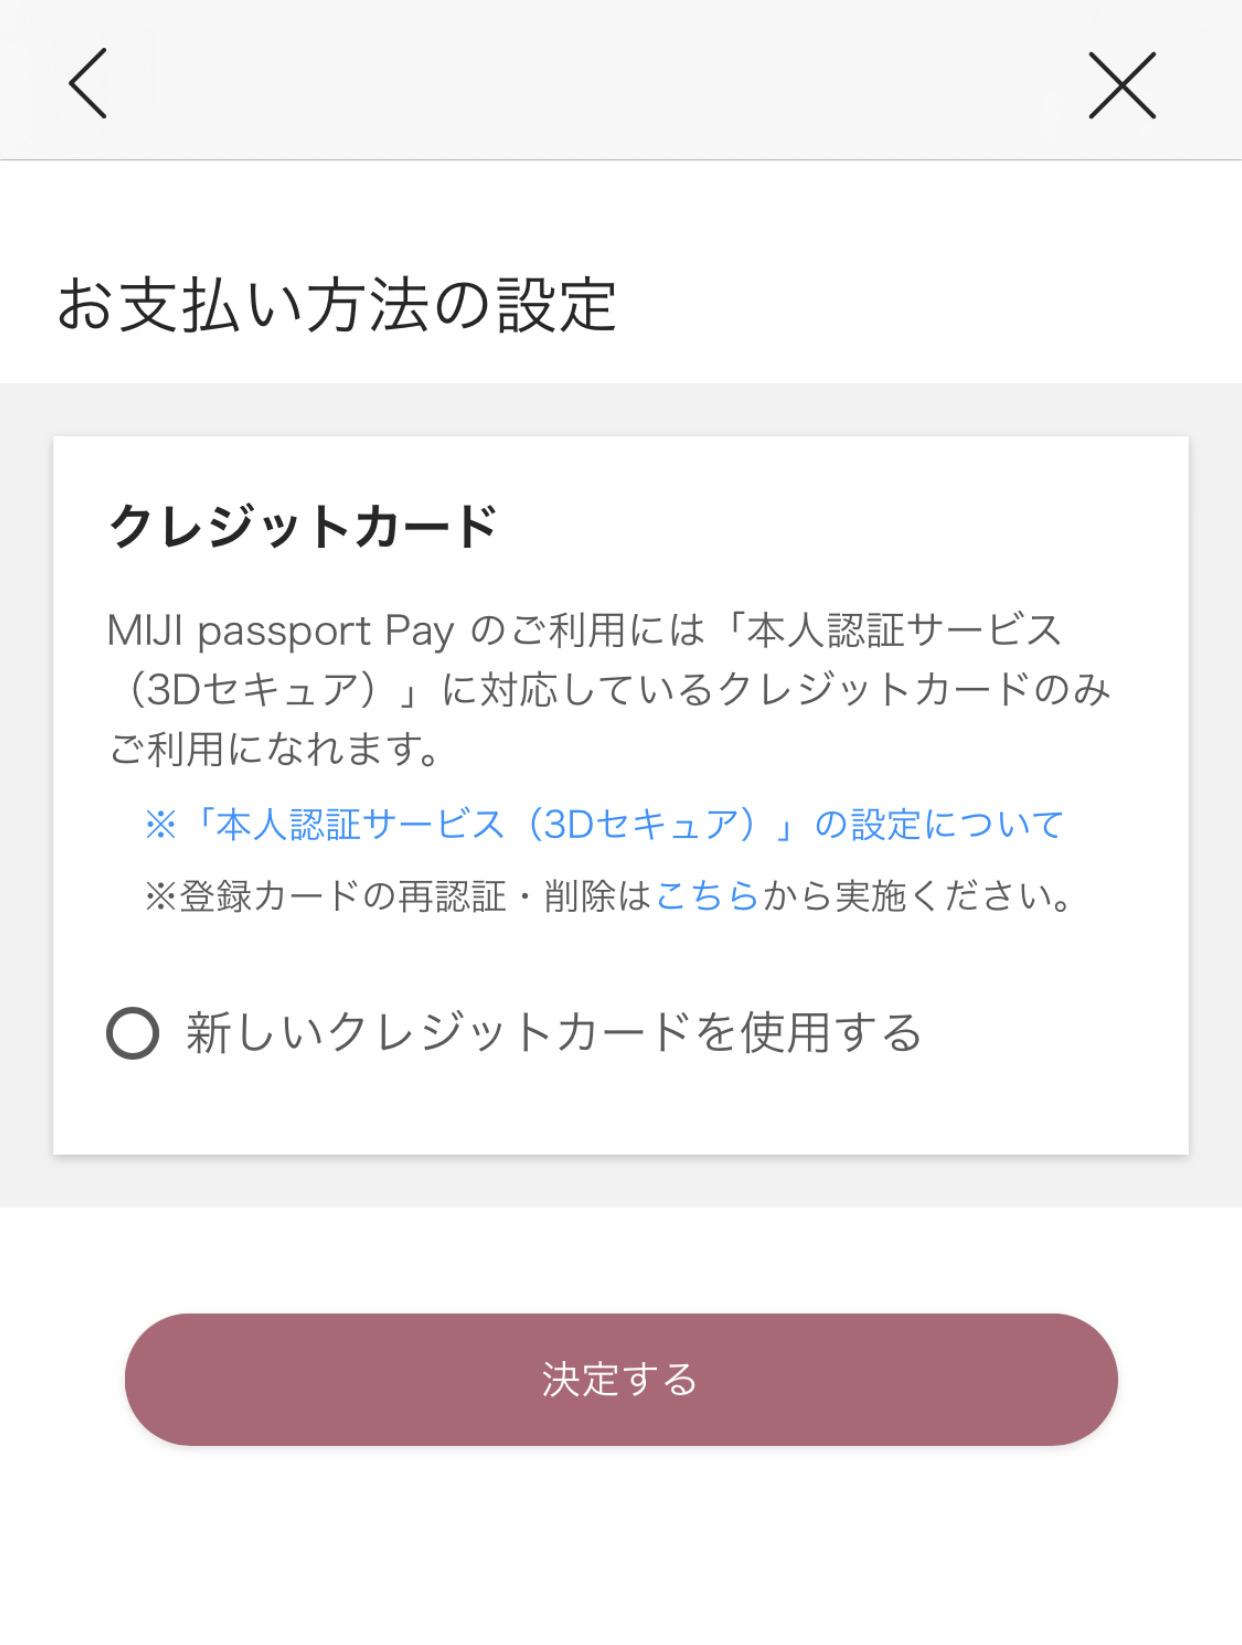 Muji passport 202012 07